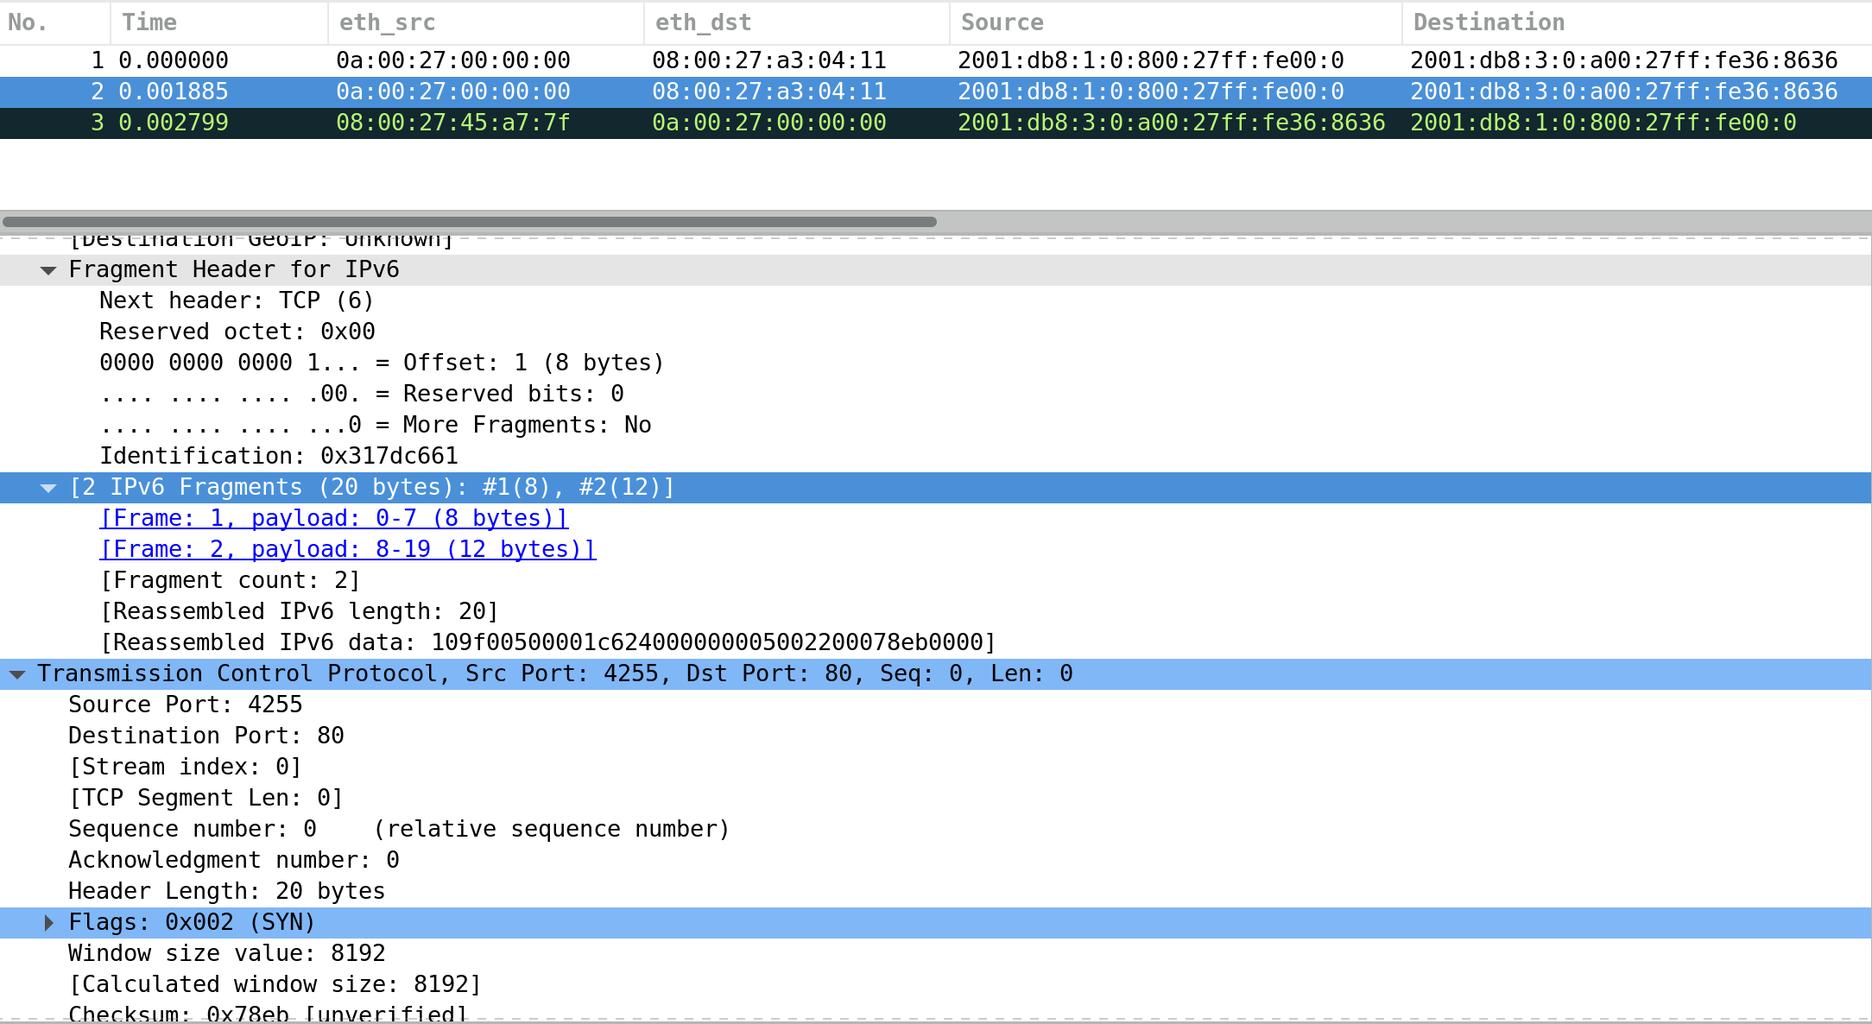 Testing pfSense as an IPv6 Firewall - A Weird Case (Testing IPv6